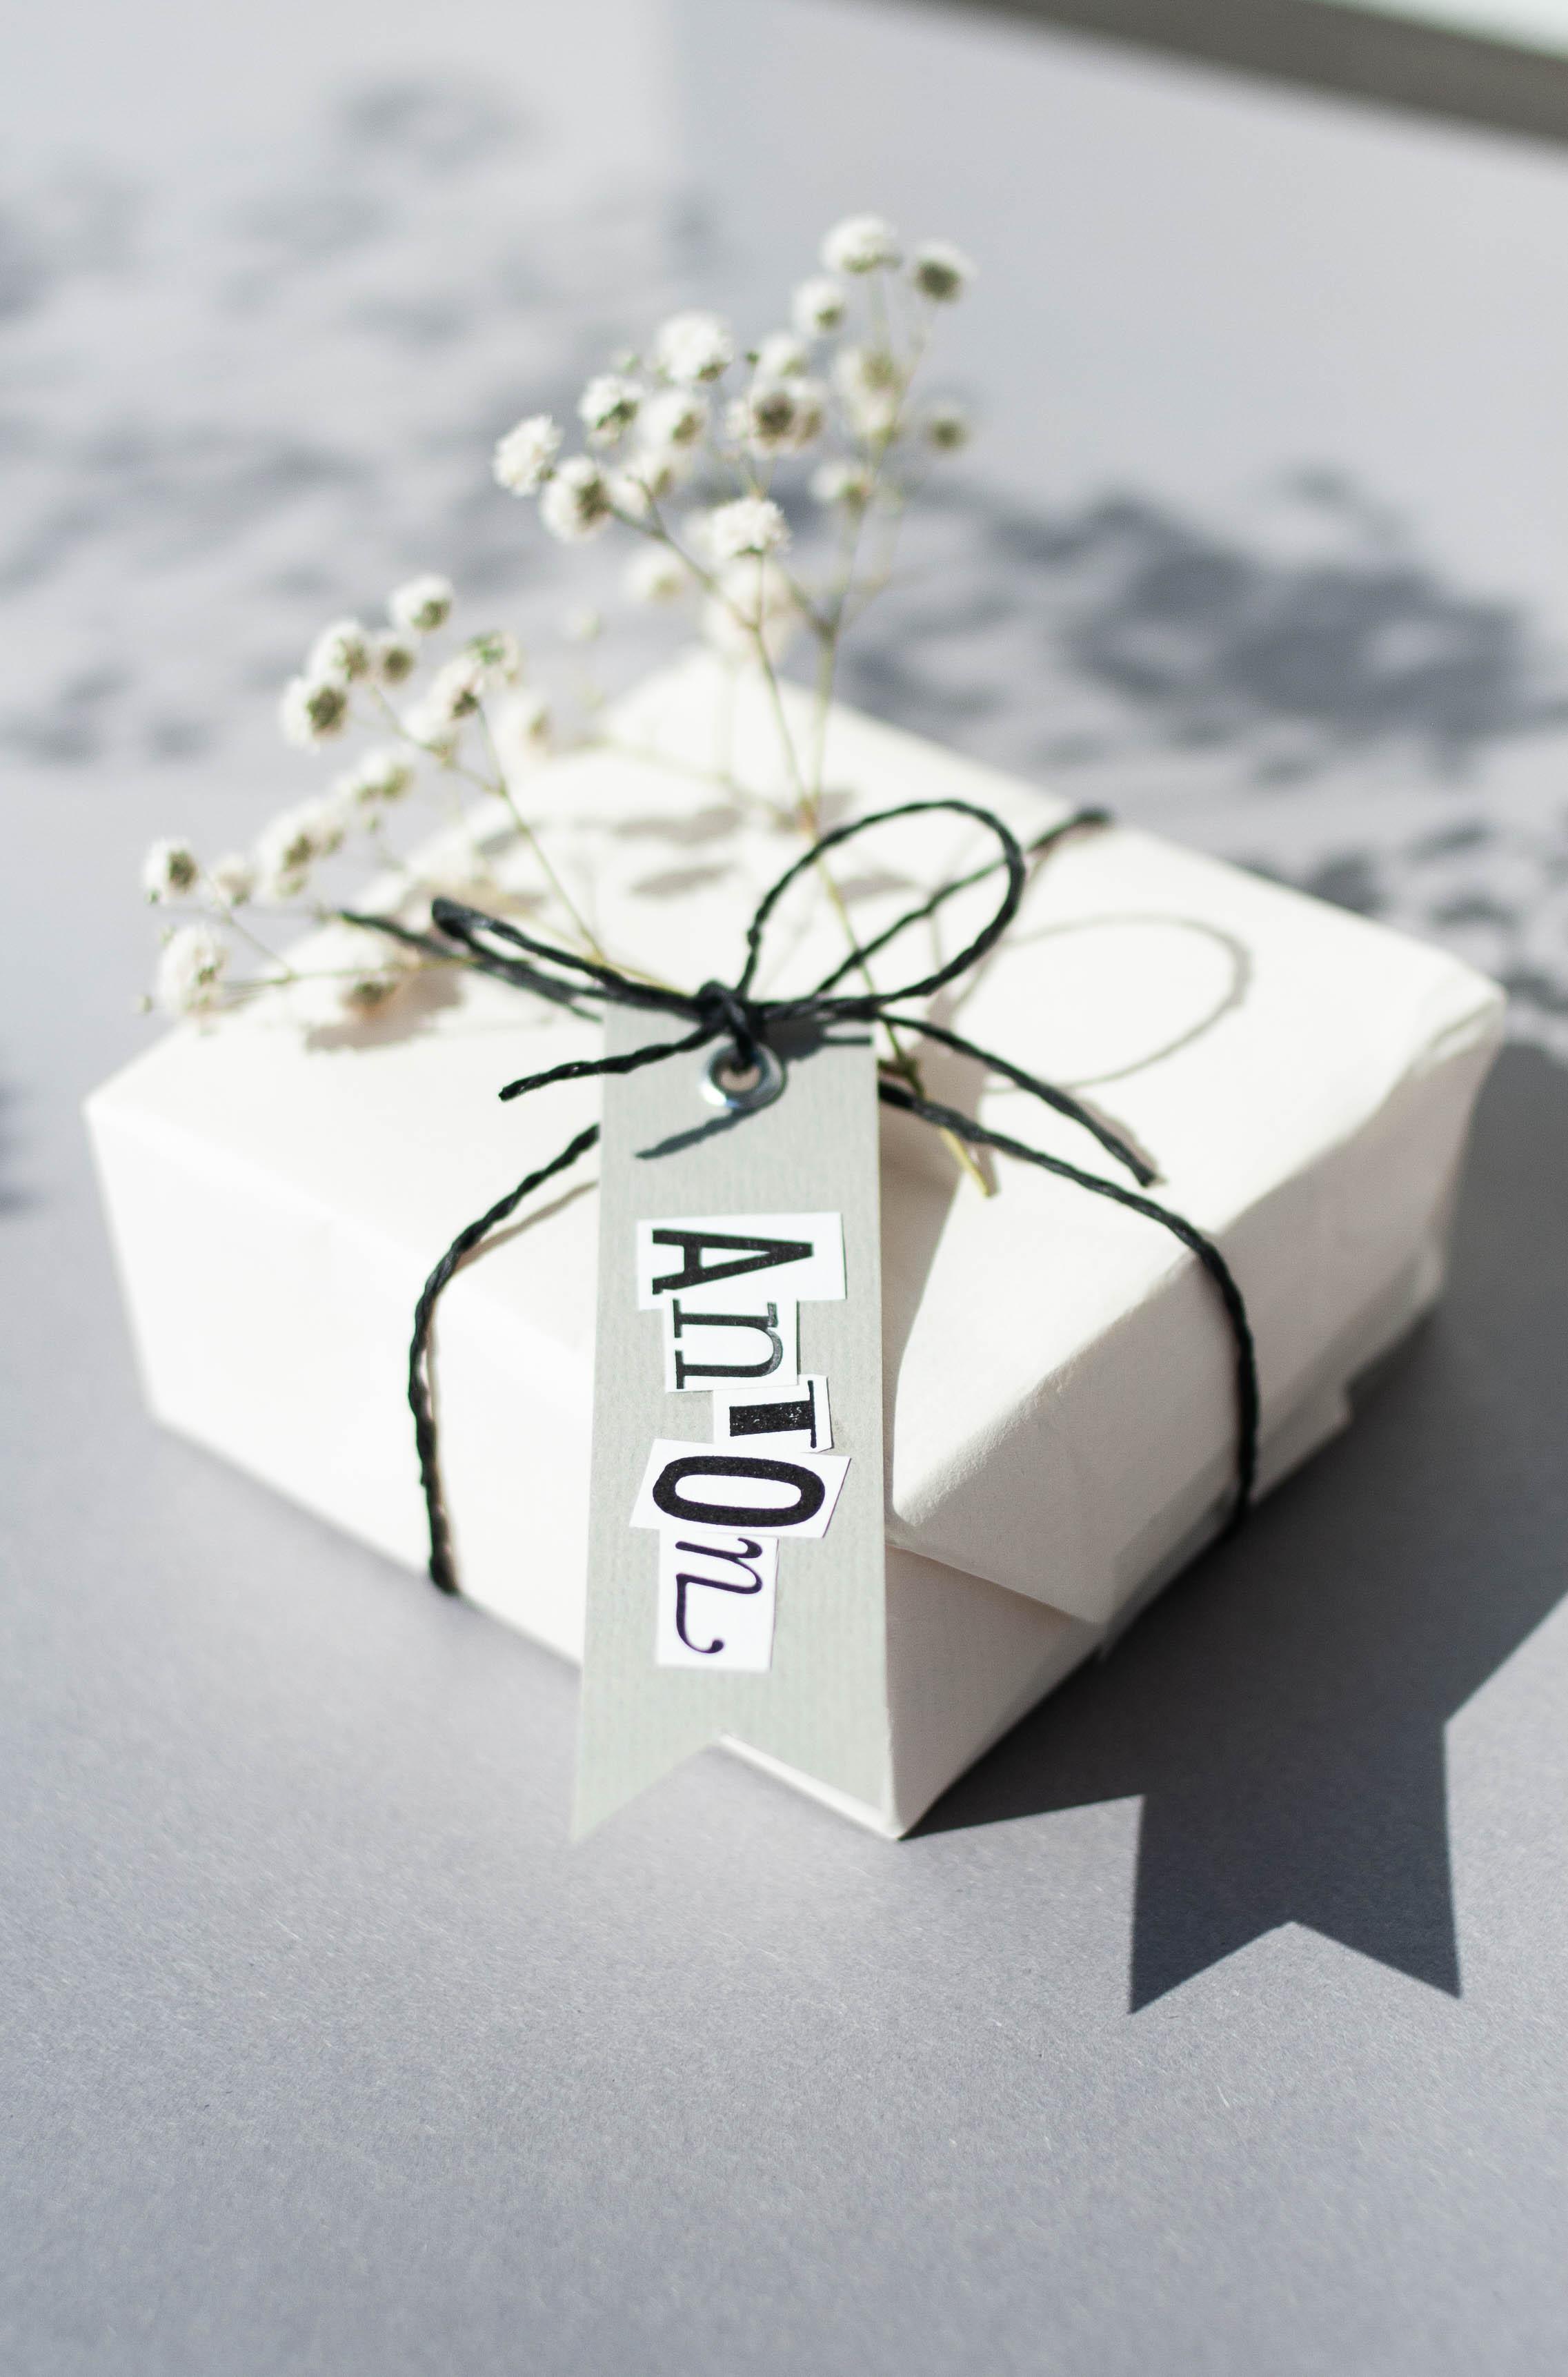 Geschenkanhänger selbst machen mit Letterpress Buchstaben Vorlage